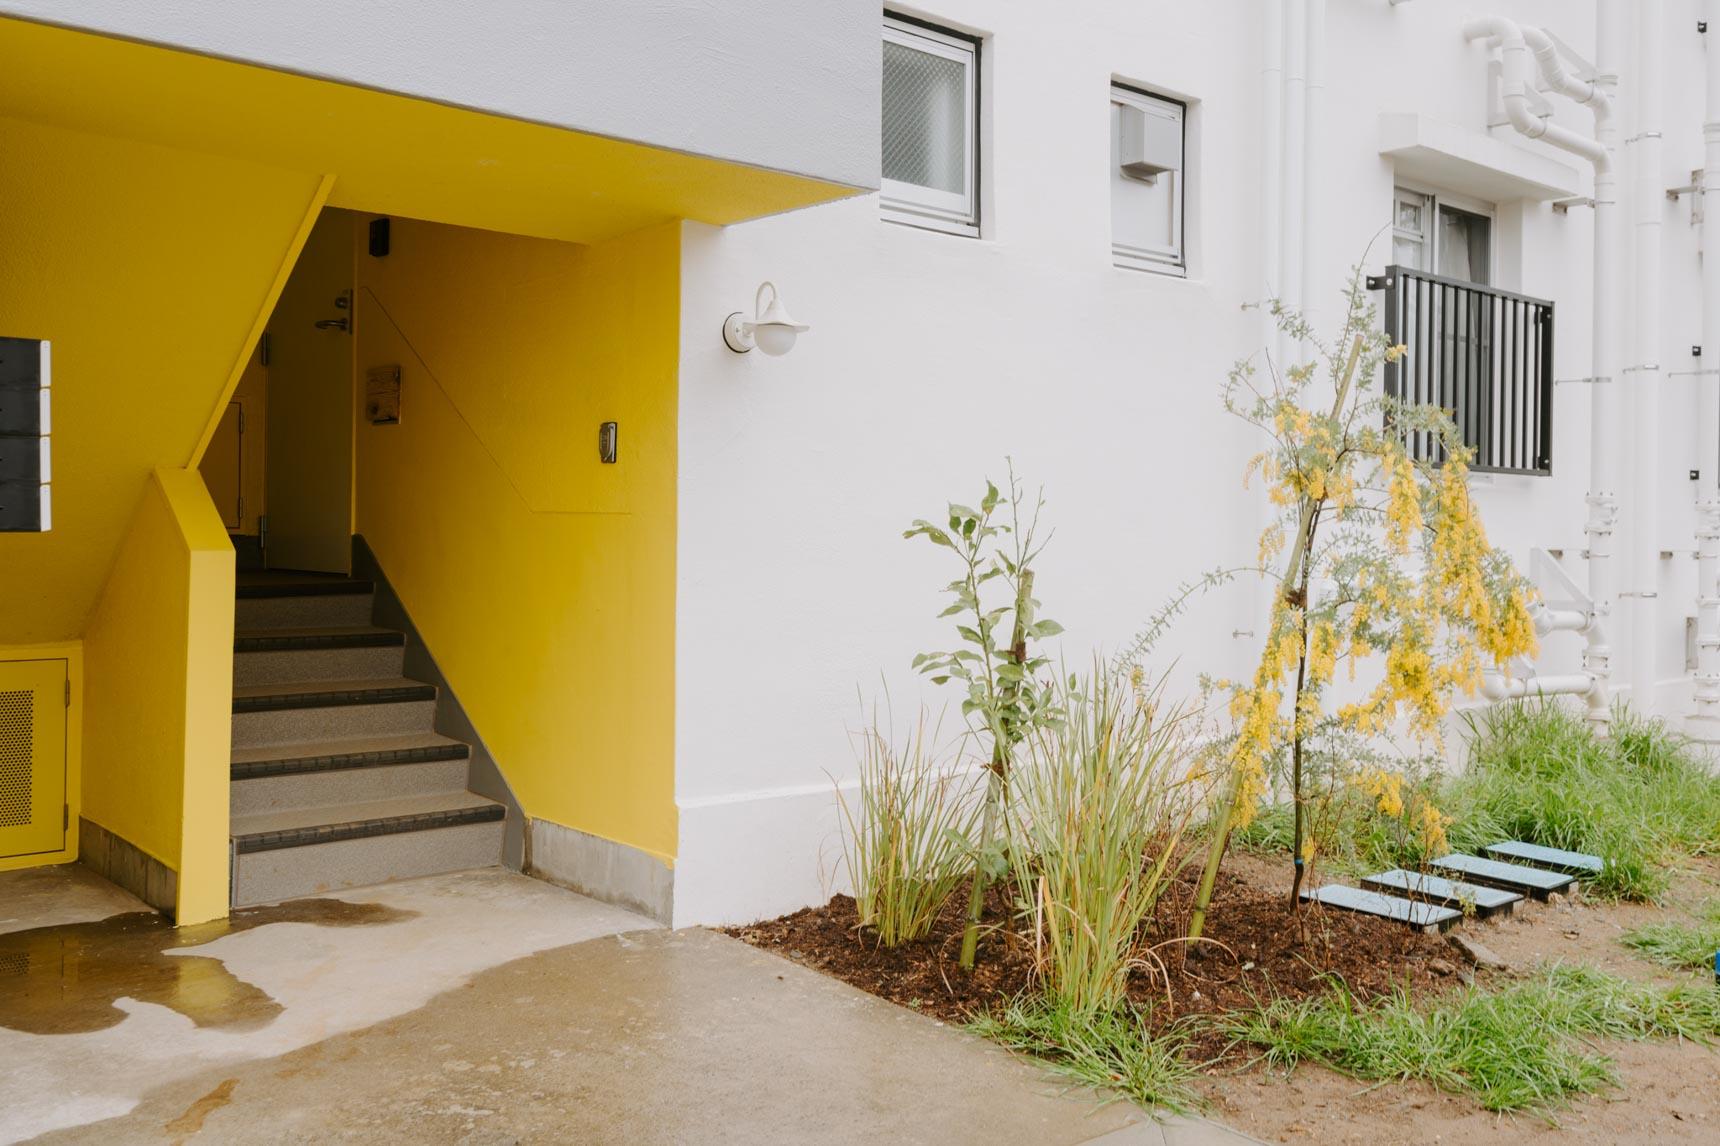 団地ならではの階段室は、自分の部屋がすぐわかるように色分けされています。手前に植えられた植物も色を合わせているこだわり。